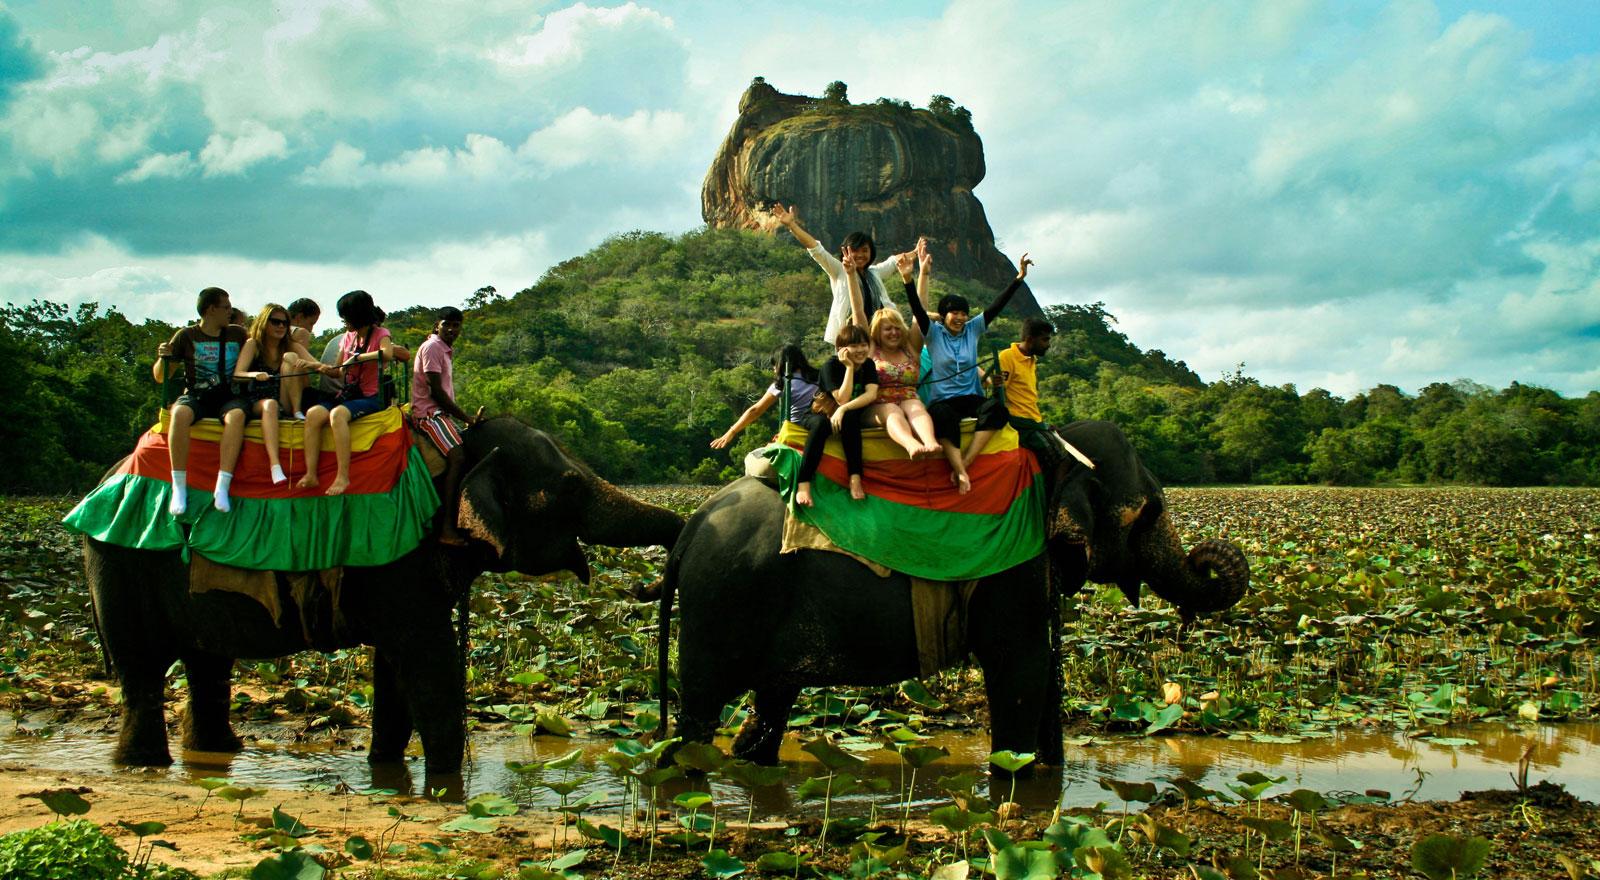 اكتشف الحياة البرية فى ولاية سريلانكا